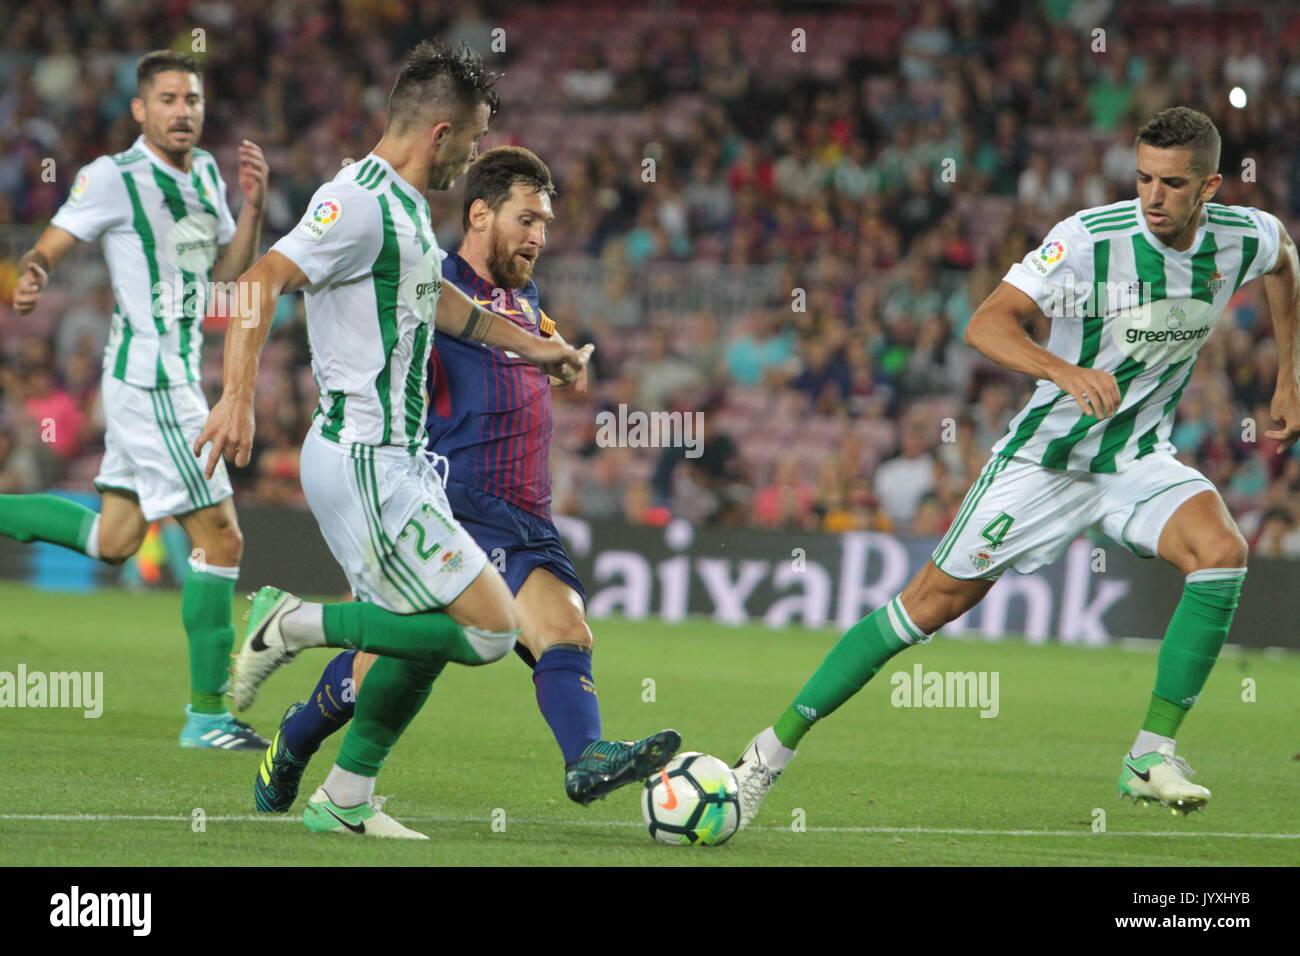 Leo Messi in action during La Liga game between FC Barcelona v Betis at Camp Nou - Stock Image